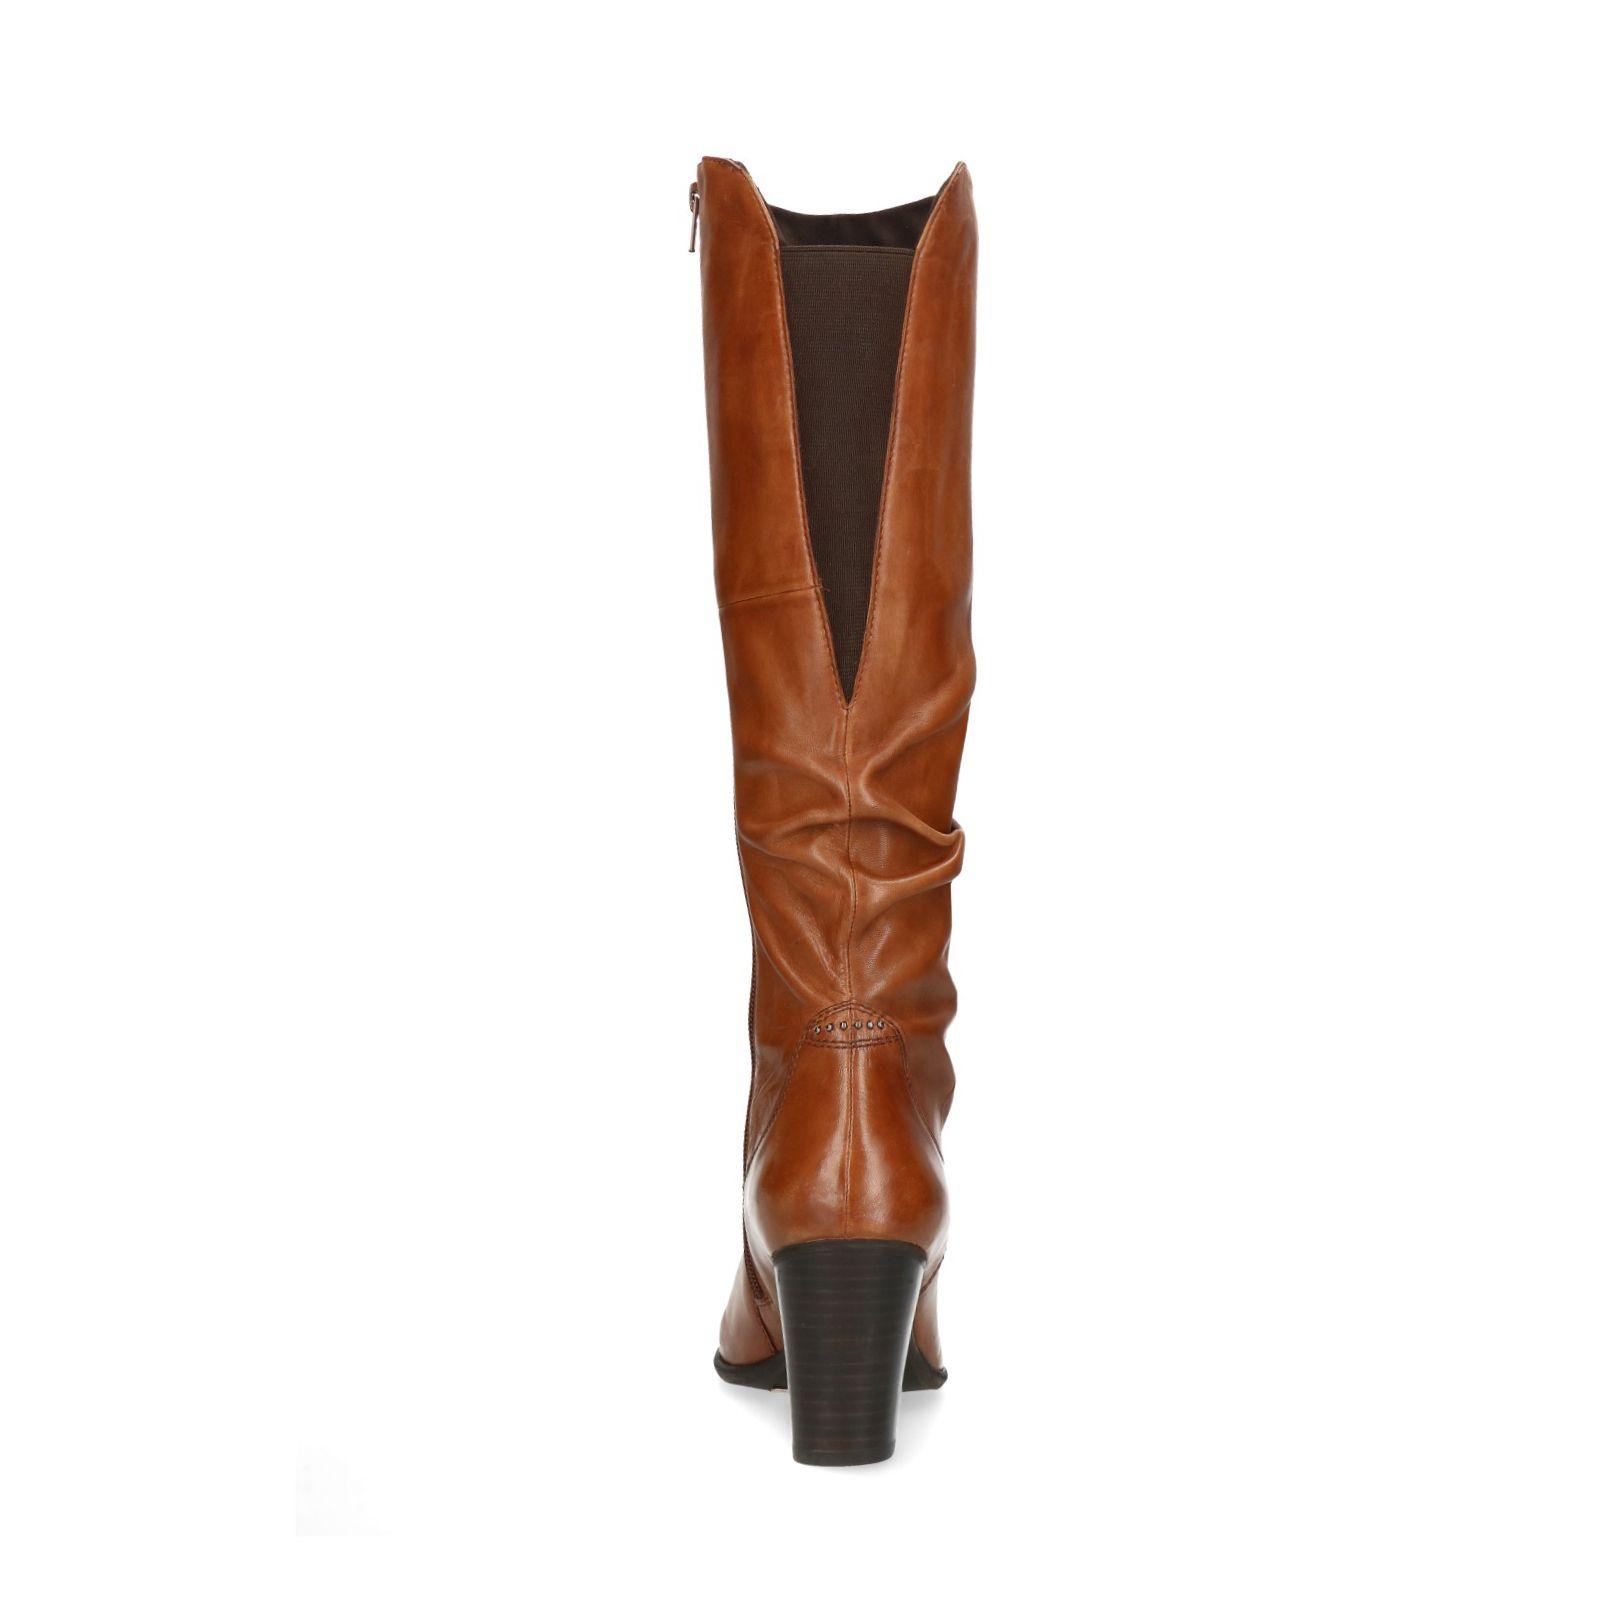 SPM for Sacha Bottes hautes en cuir avec talon marron